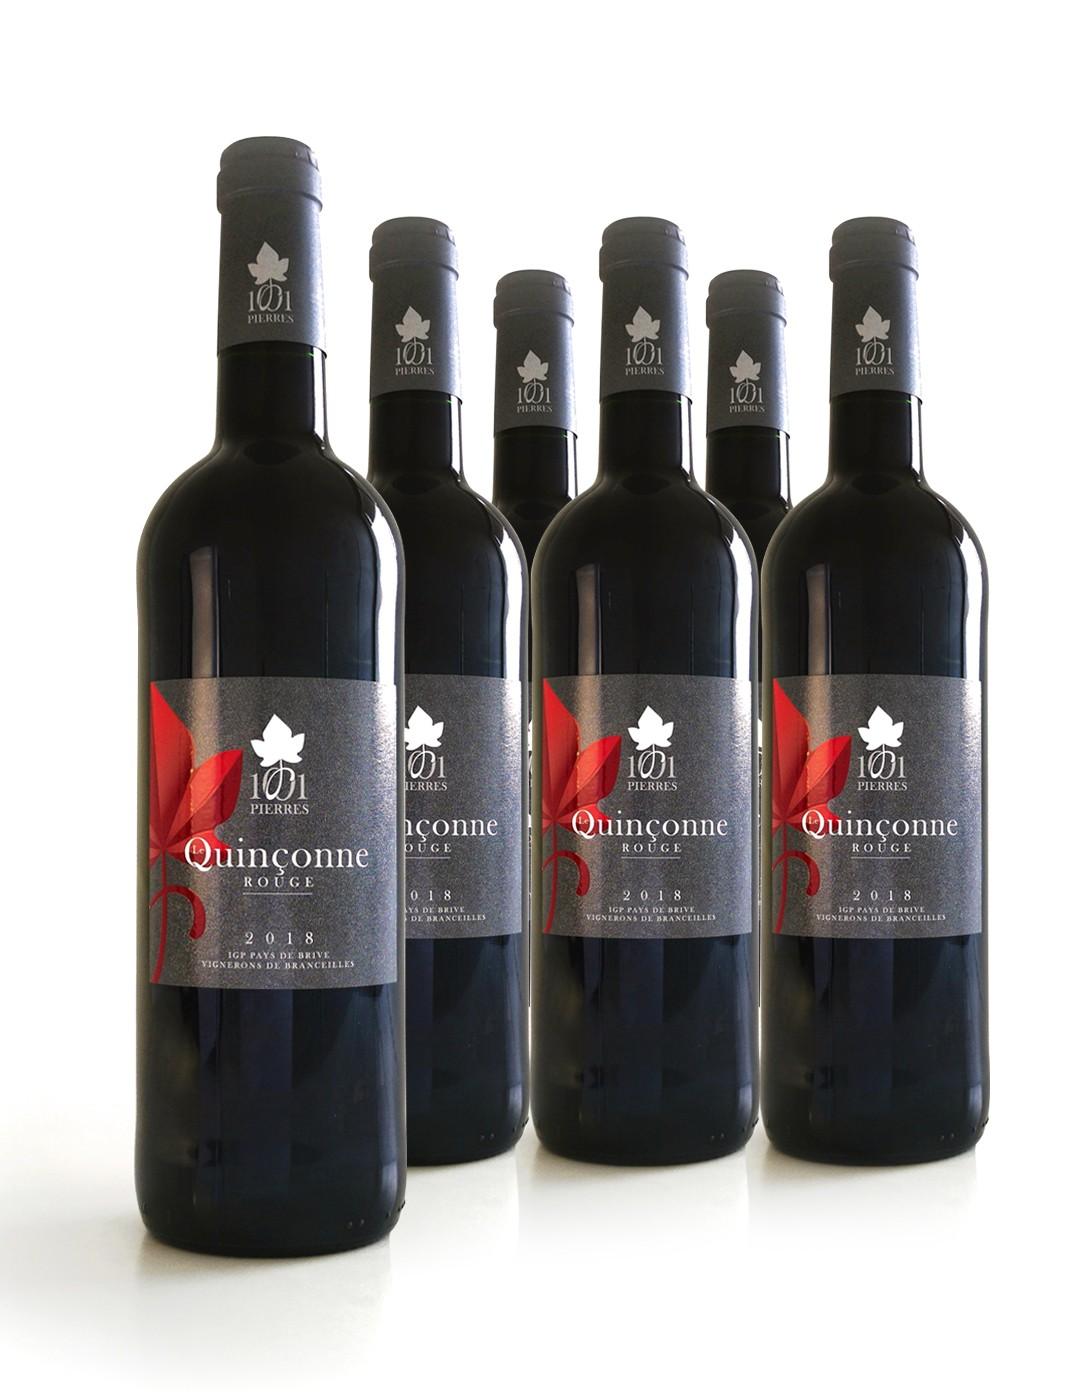 Carton de 6 bouteilles de Quinçonne Rouge - 1001 Pierres - Vin - 75 cl